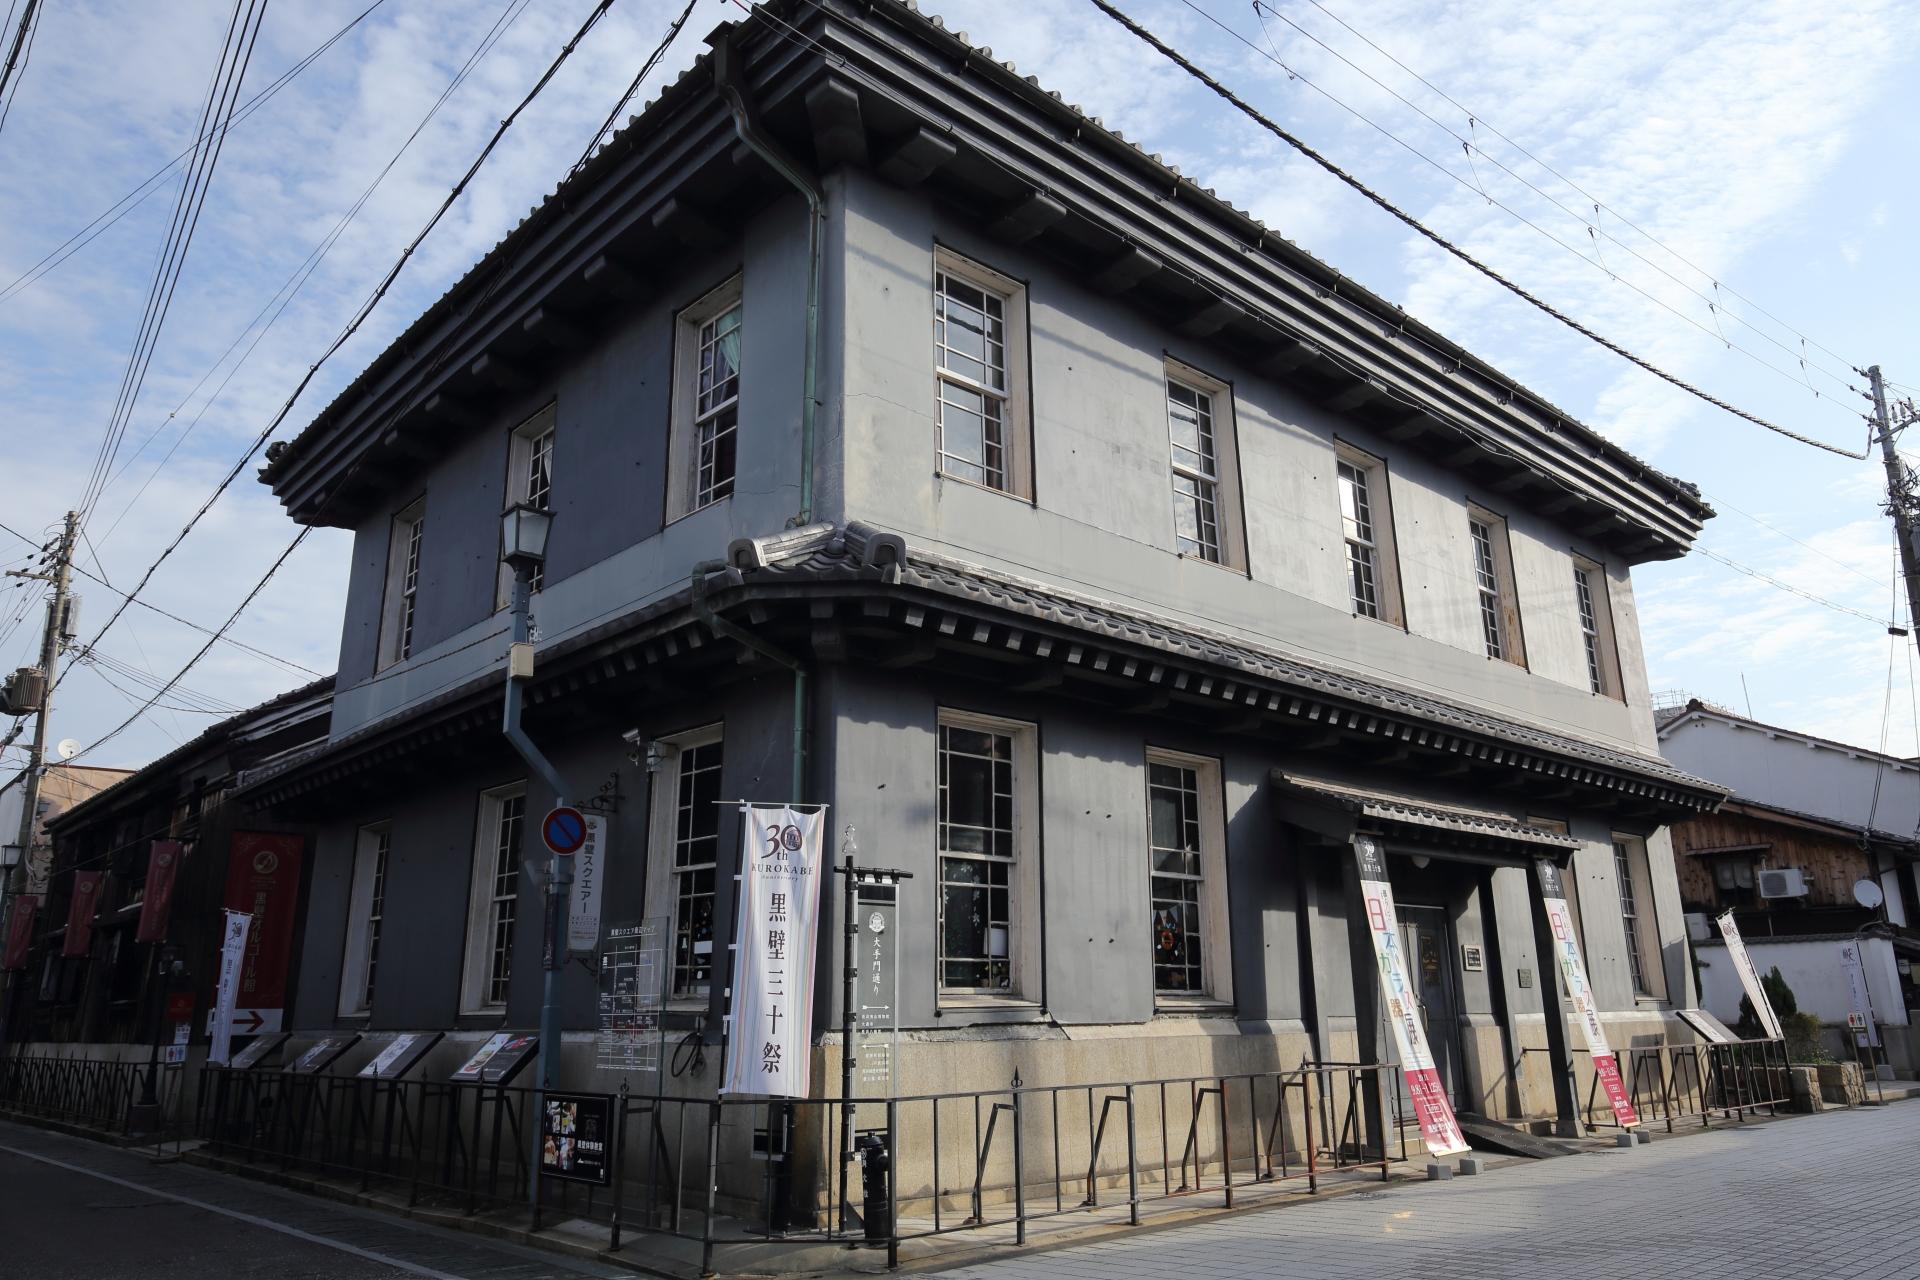 黒壁ガラス館|明治33年に建てられた銀行を跡を利用。テーブルウェアやインテリア品、アクセサリーなど多数取り揃え。